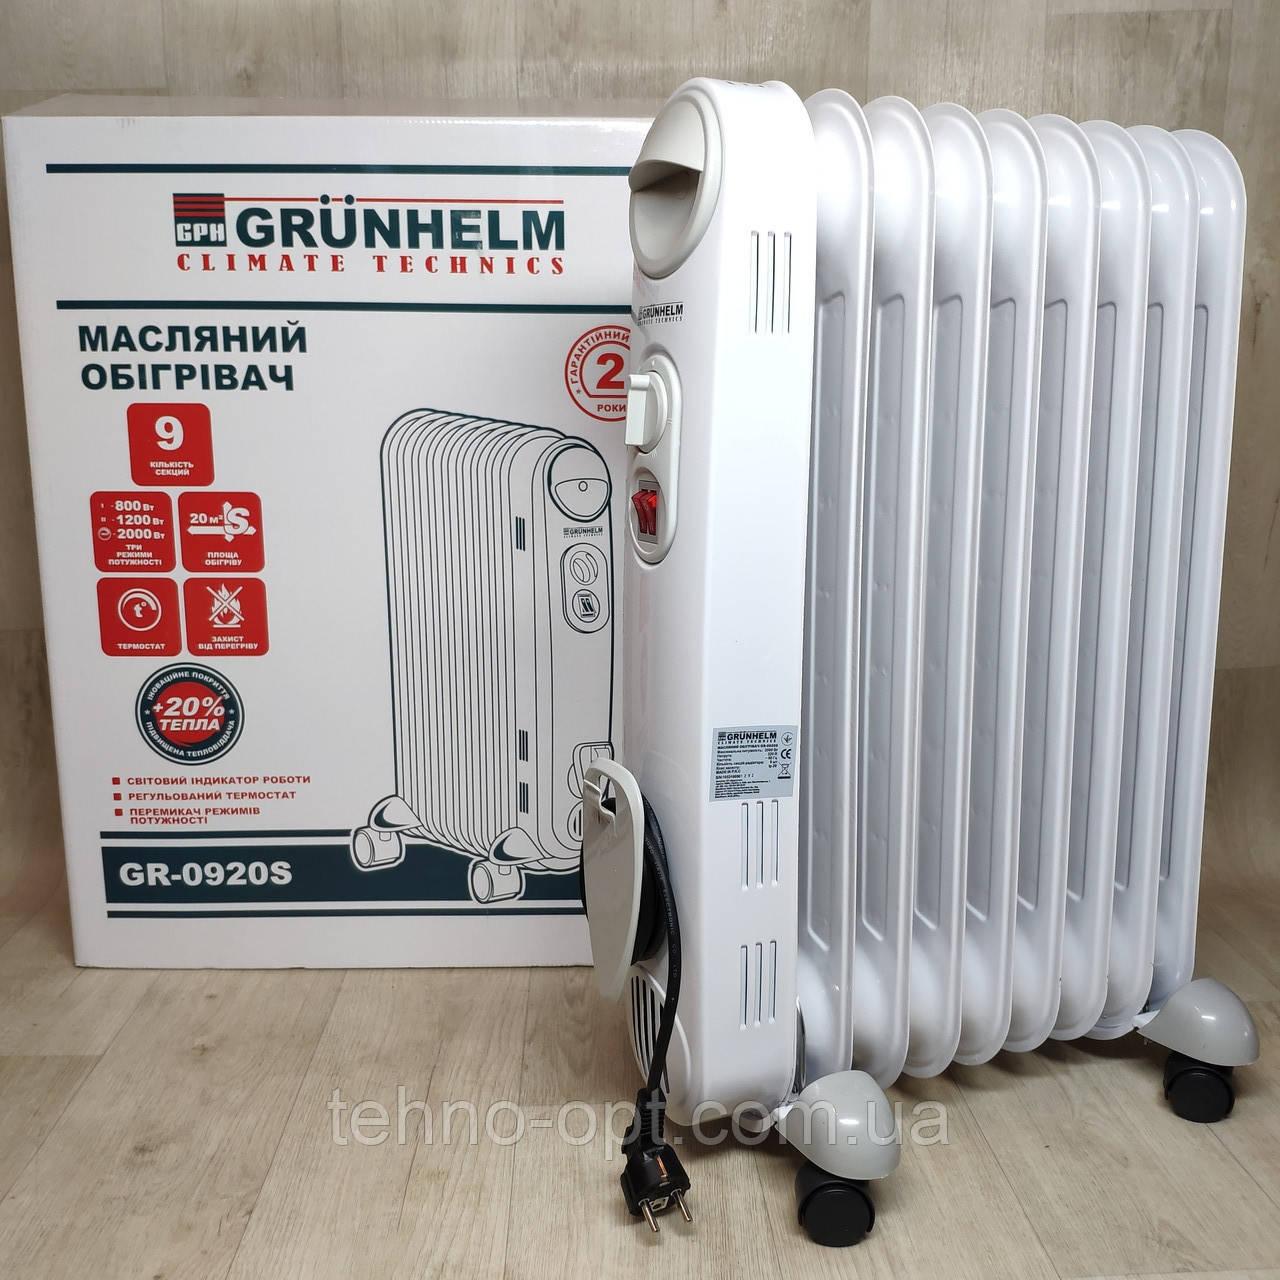 Напольный масляный обогреватель Grunhelm GR-0920S SLIM 9 секций